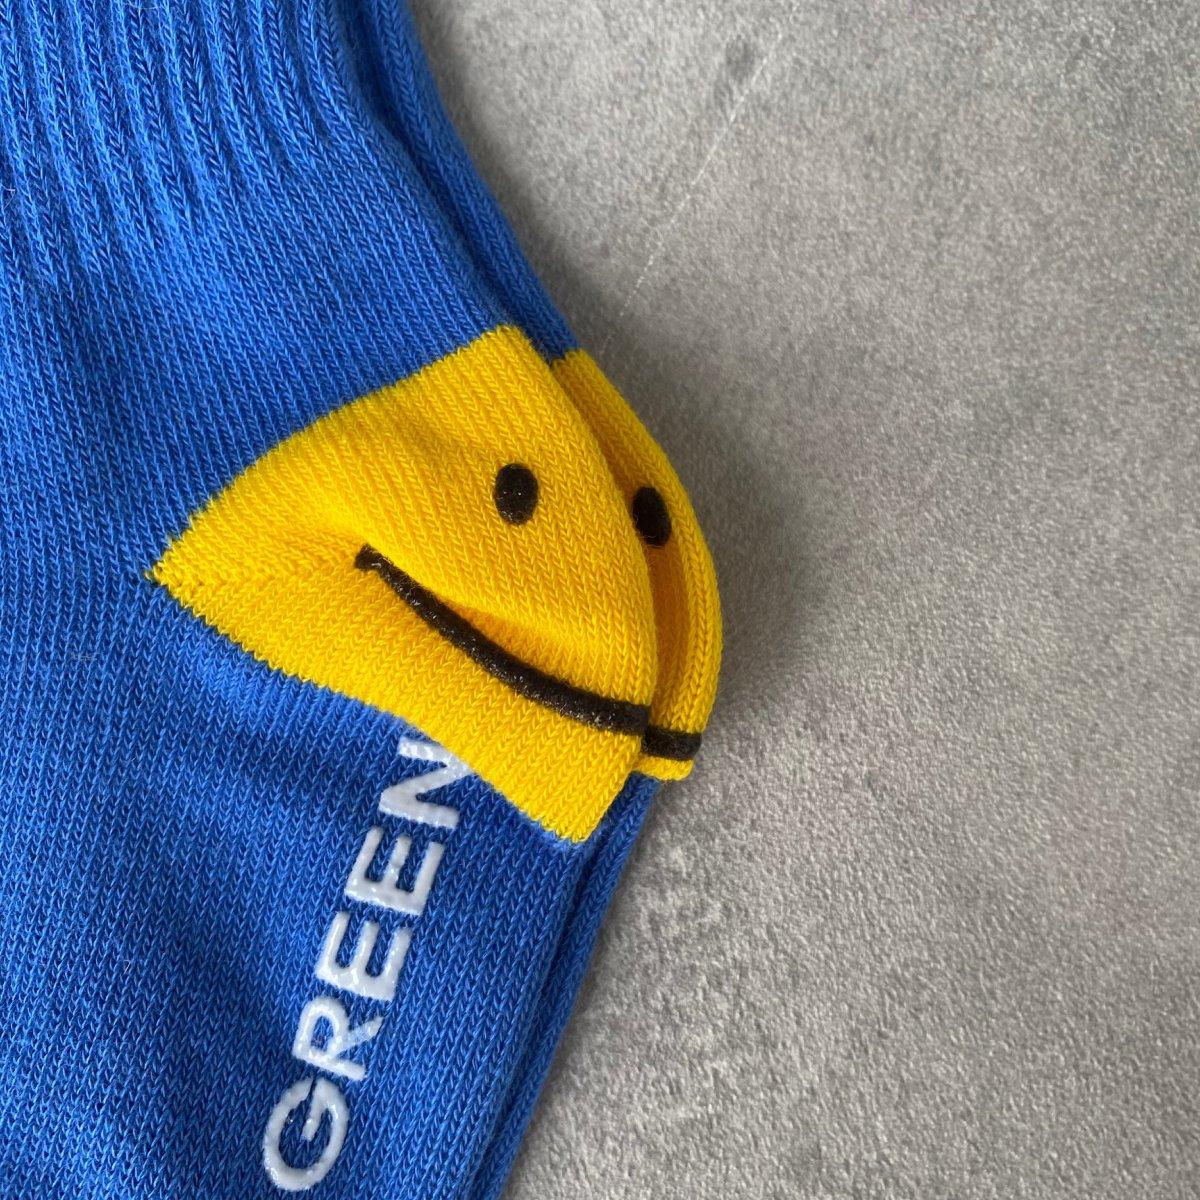 【BABY】Smile Socks 詳細画像20